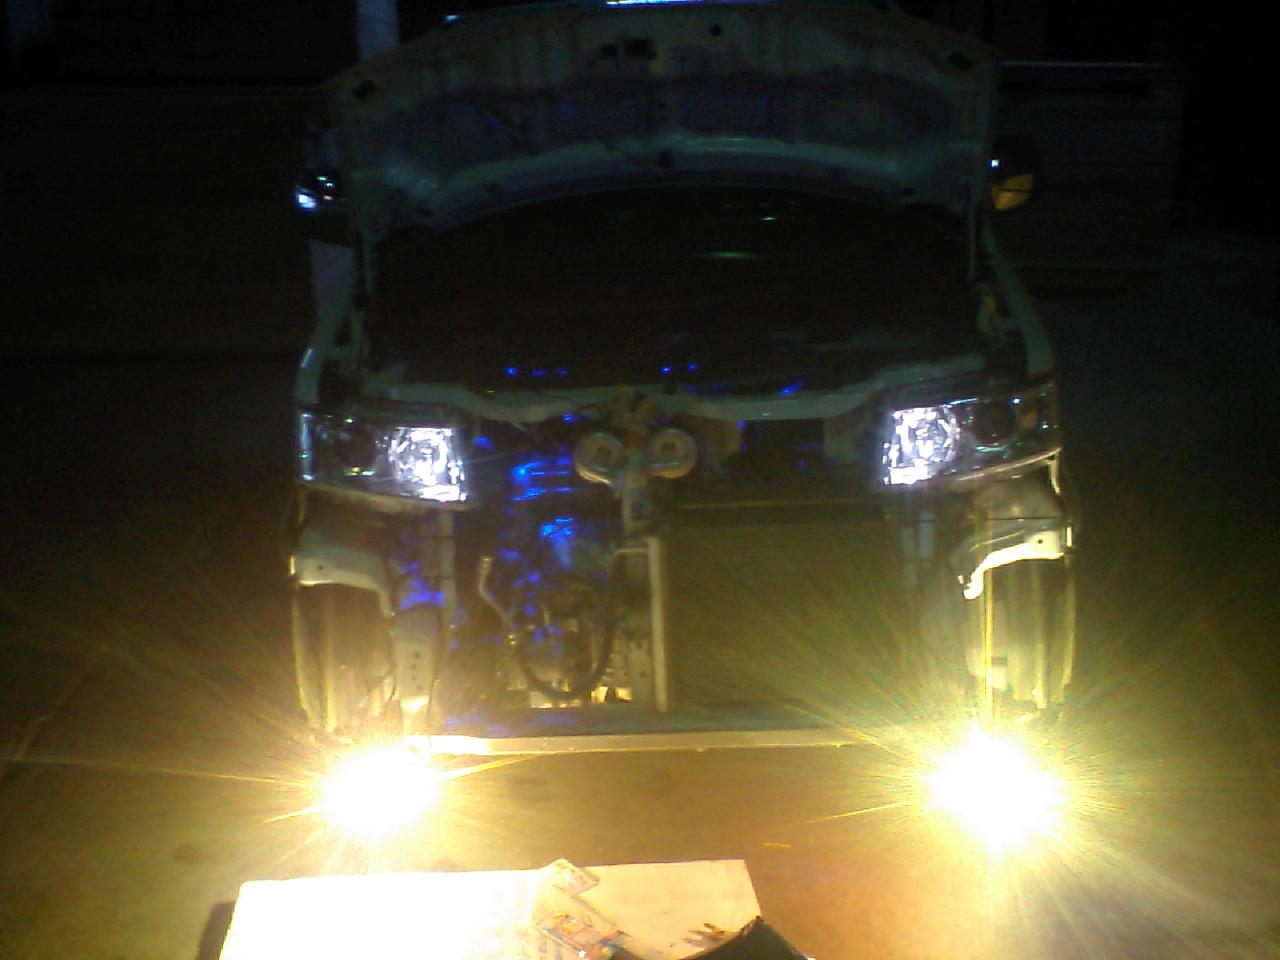 ヘッドライトのケルビン数up&フォグランプHID化